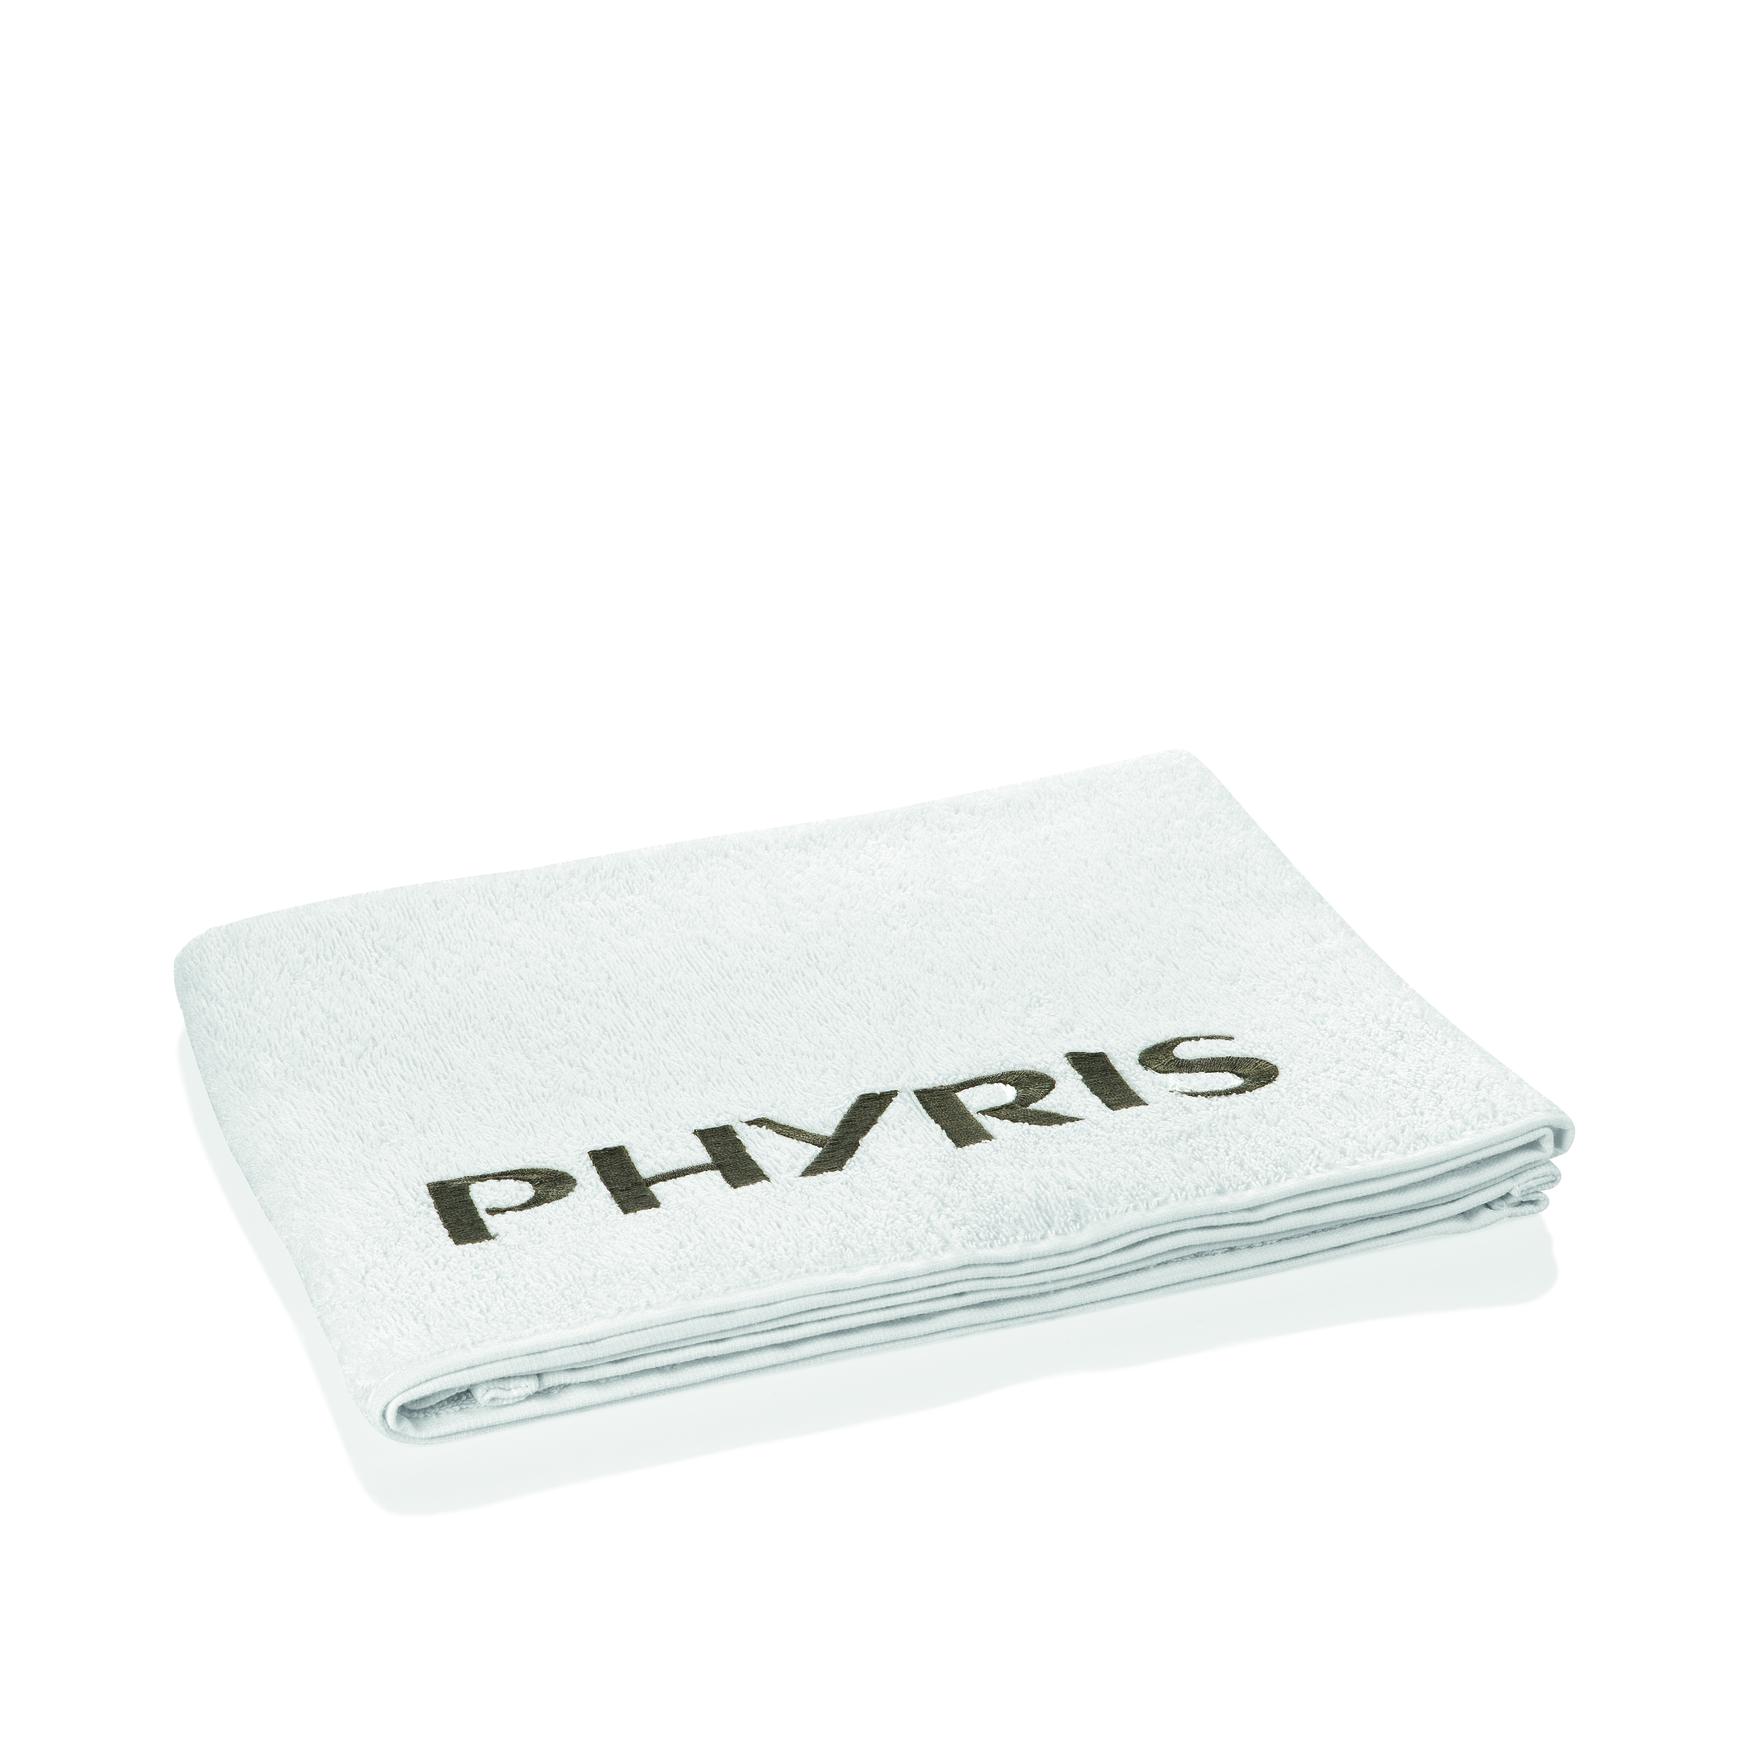 PHY Handtuch weiss - 50 x 100 cm 1 Stück